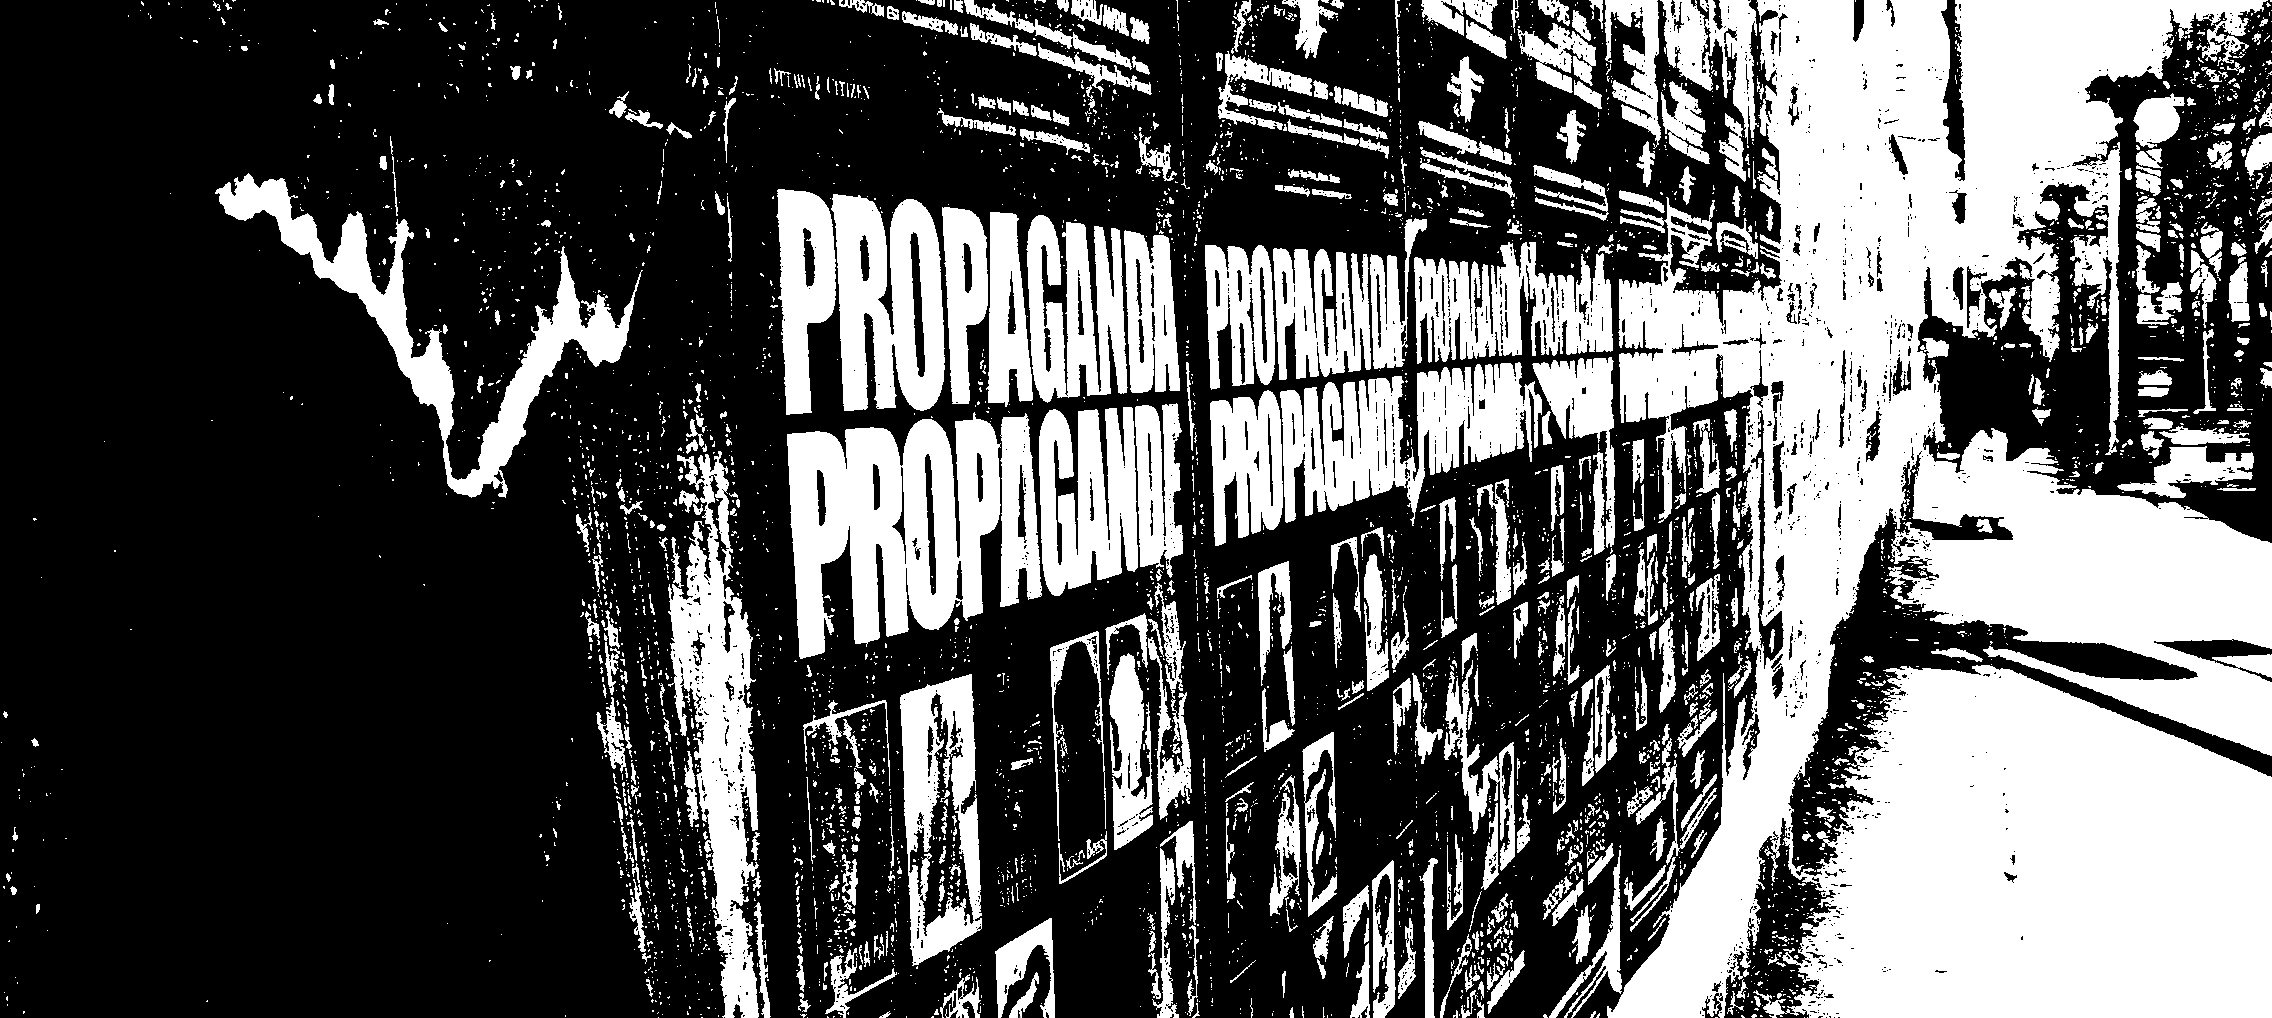 2014-09-29_propaganda_plakat